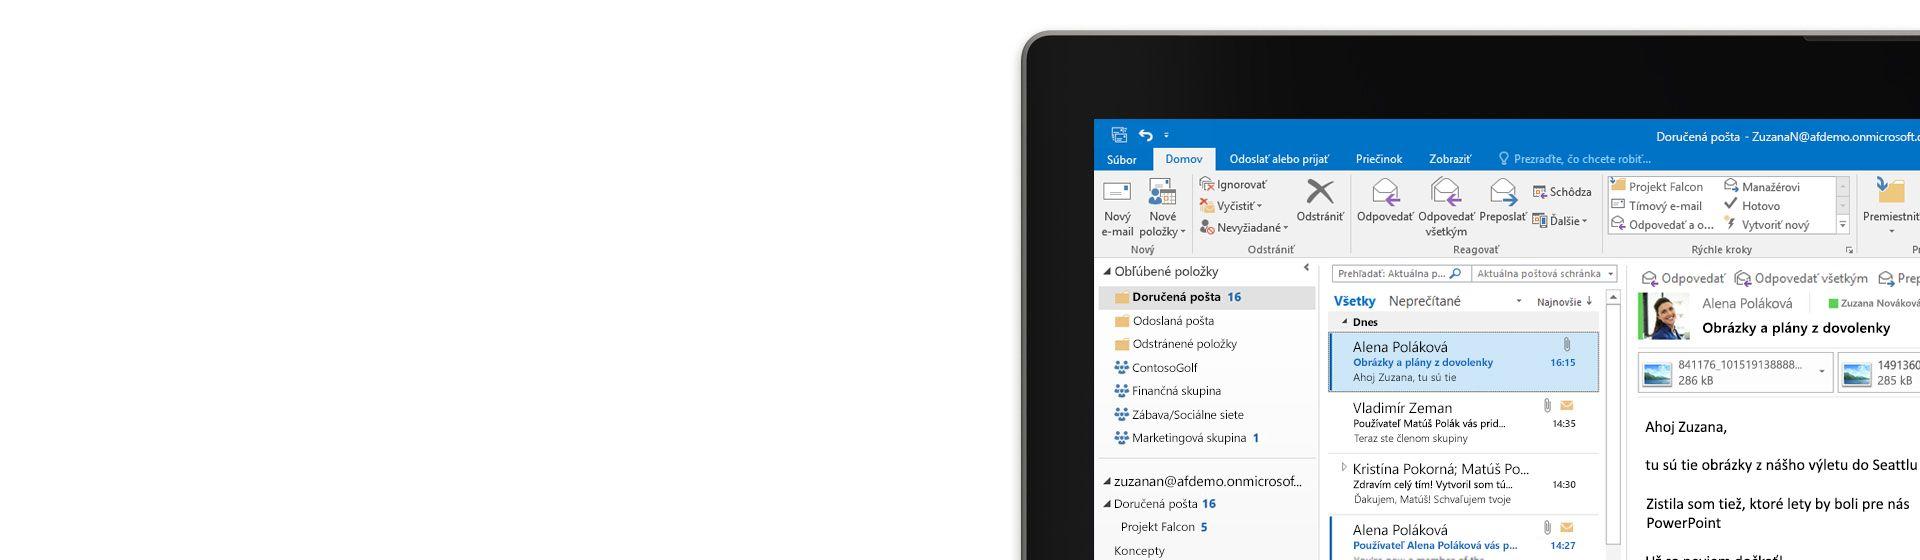 Čiastočné zobrazenie počítačovej verzie Microsoft Outlooku